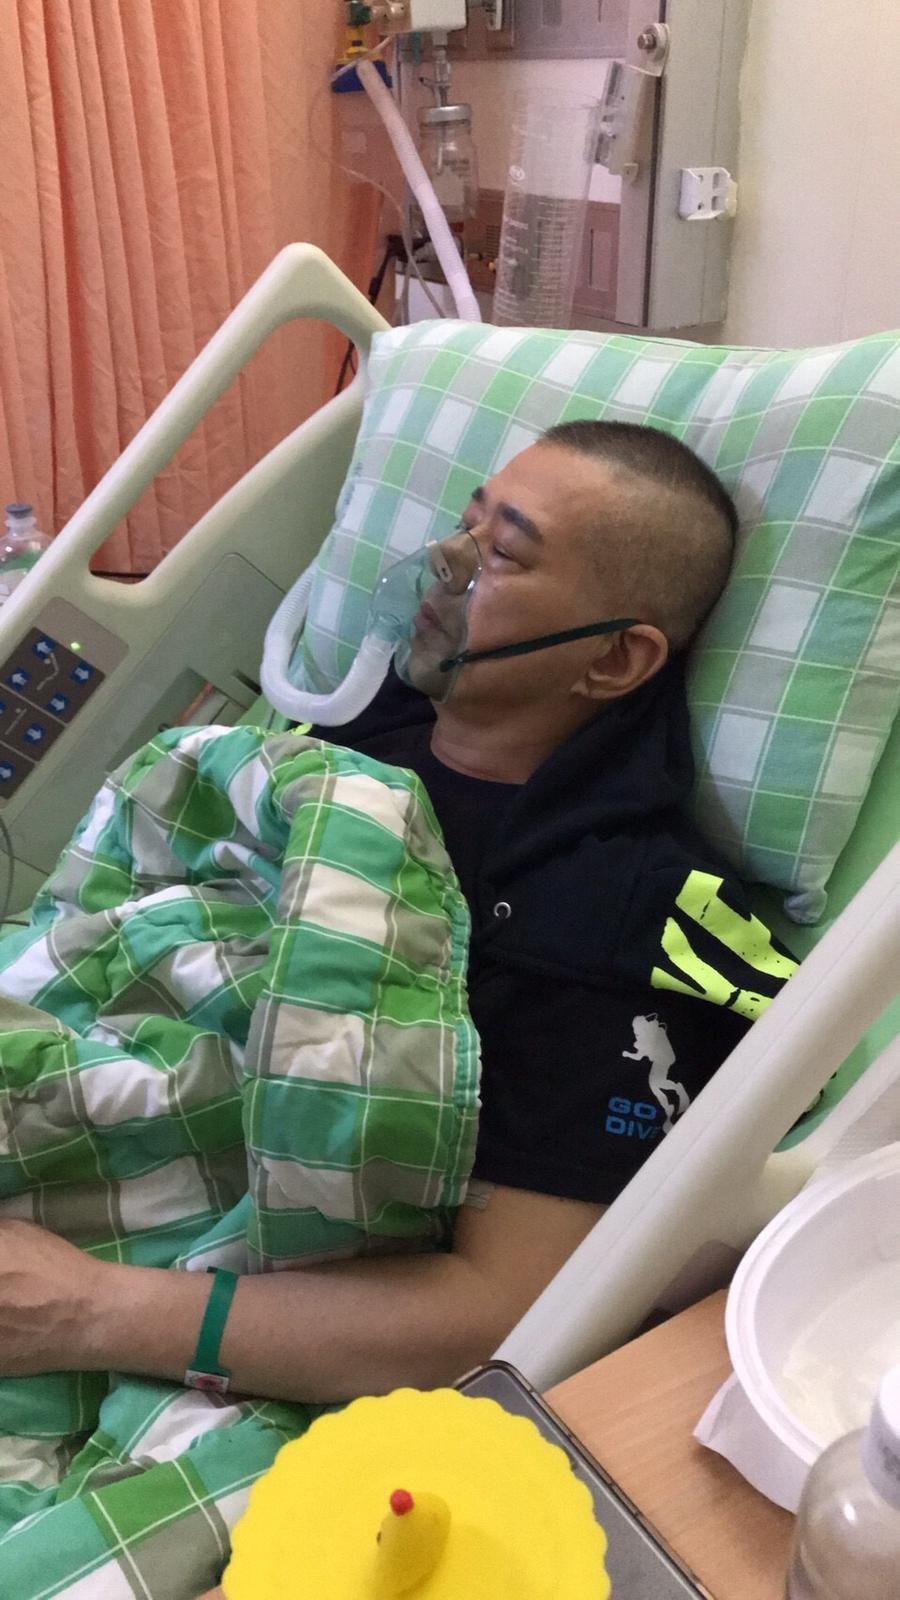 安迪正在加護病房裡跟死神拔河。圖/阿娥提供